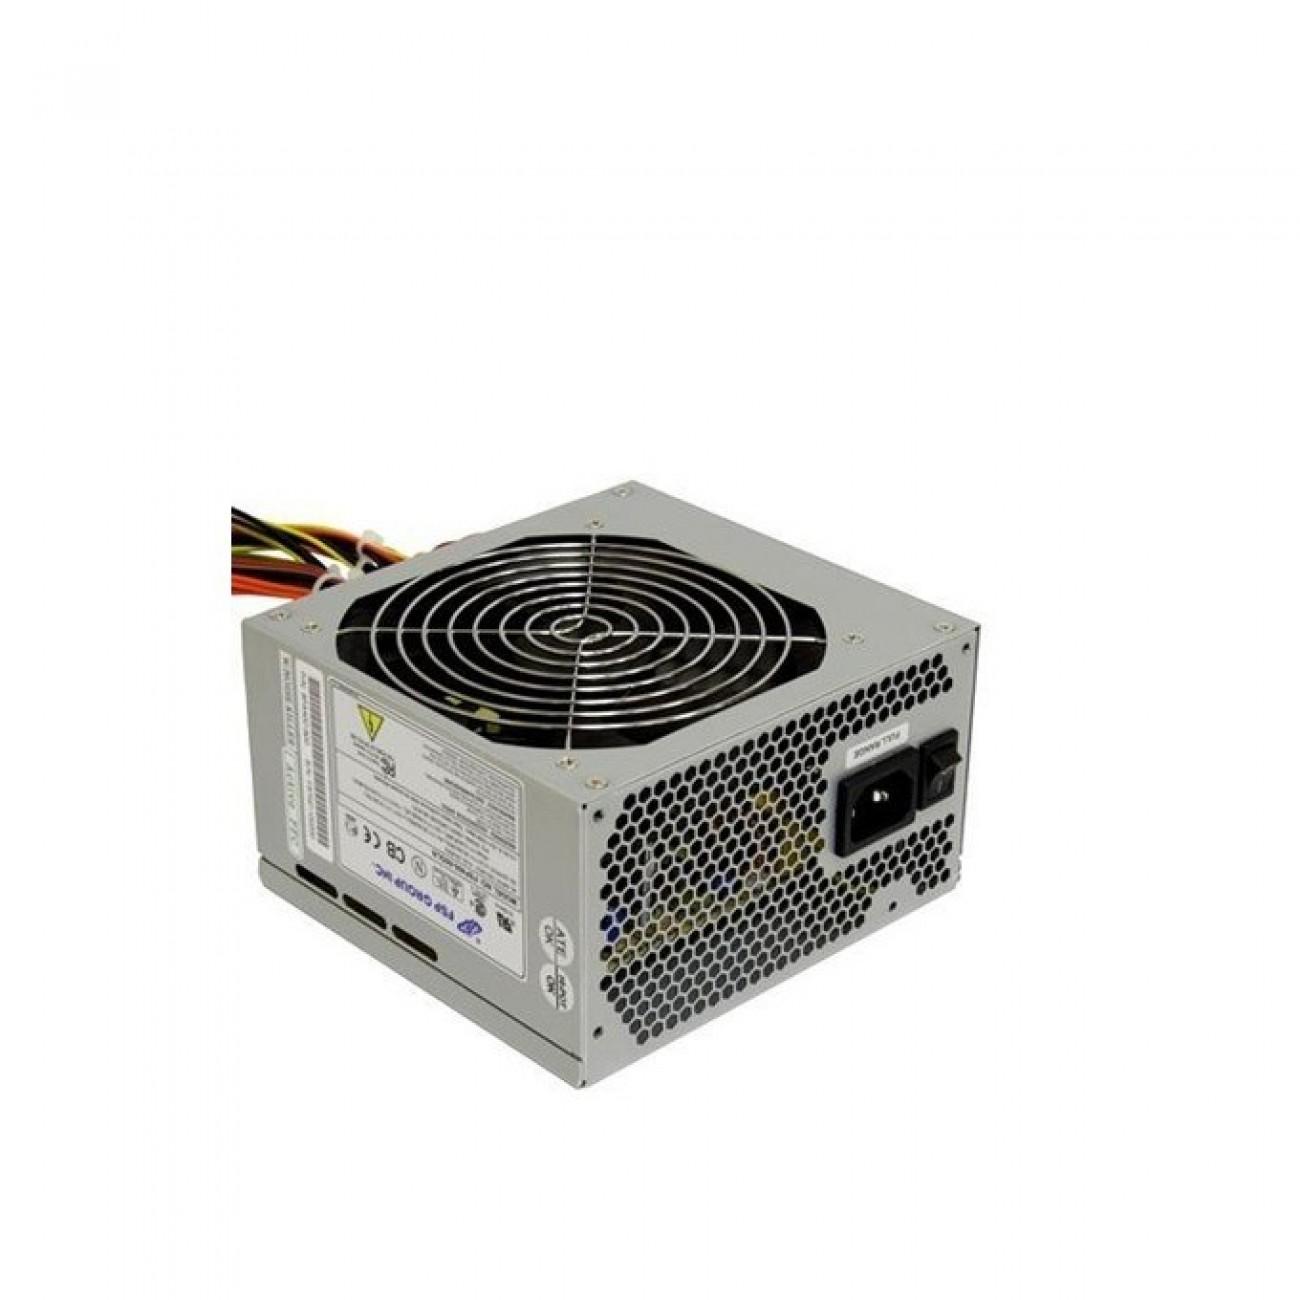 Захранване 500W Fortron 500-60APN, Active PFC, Silent, 120mm вентилатор в Захранвания Настолни компютри - Fortron | Alleop